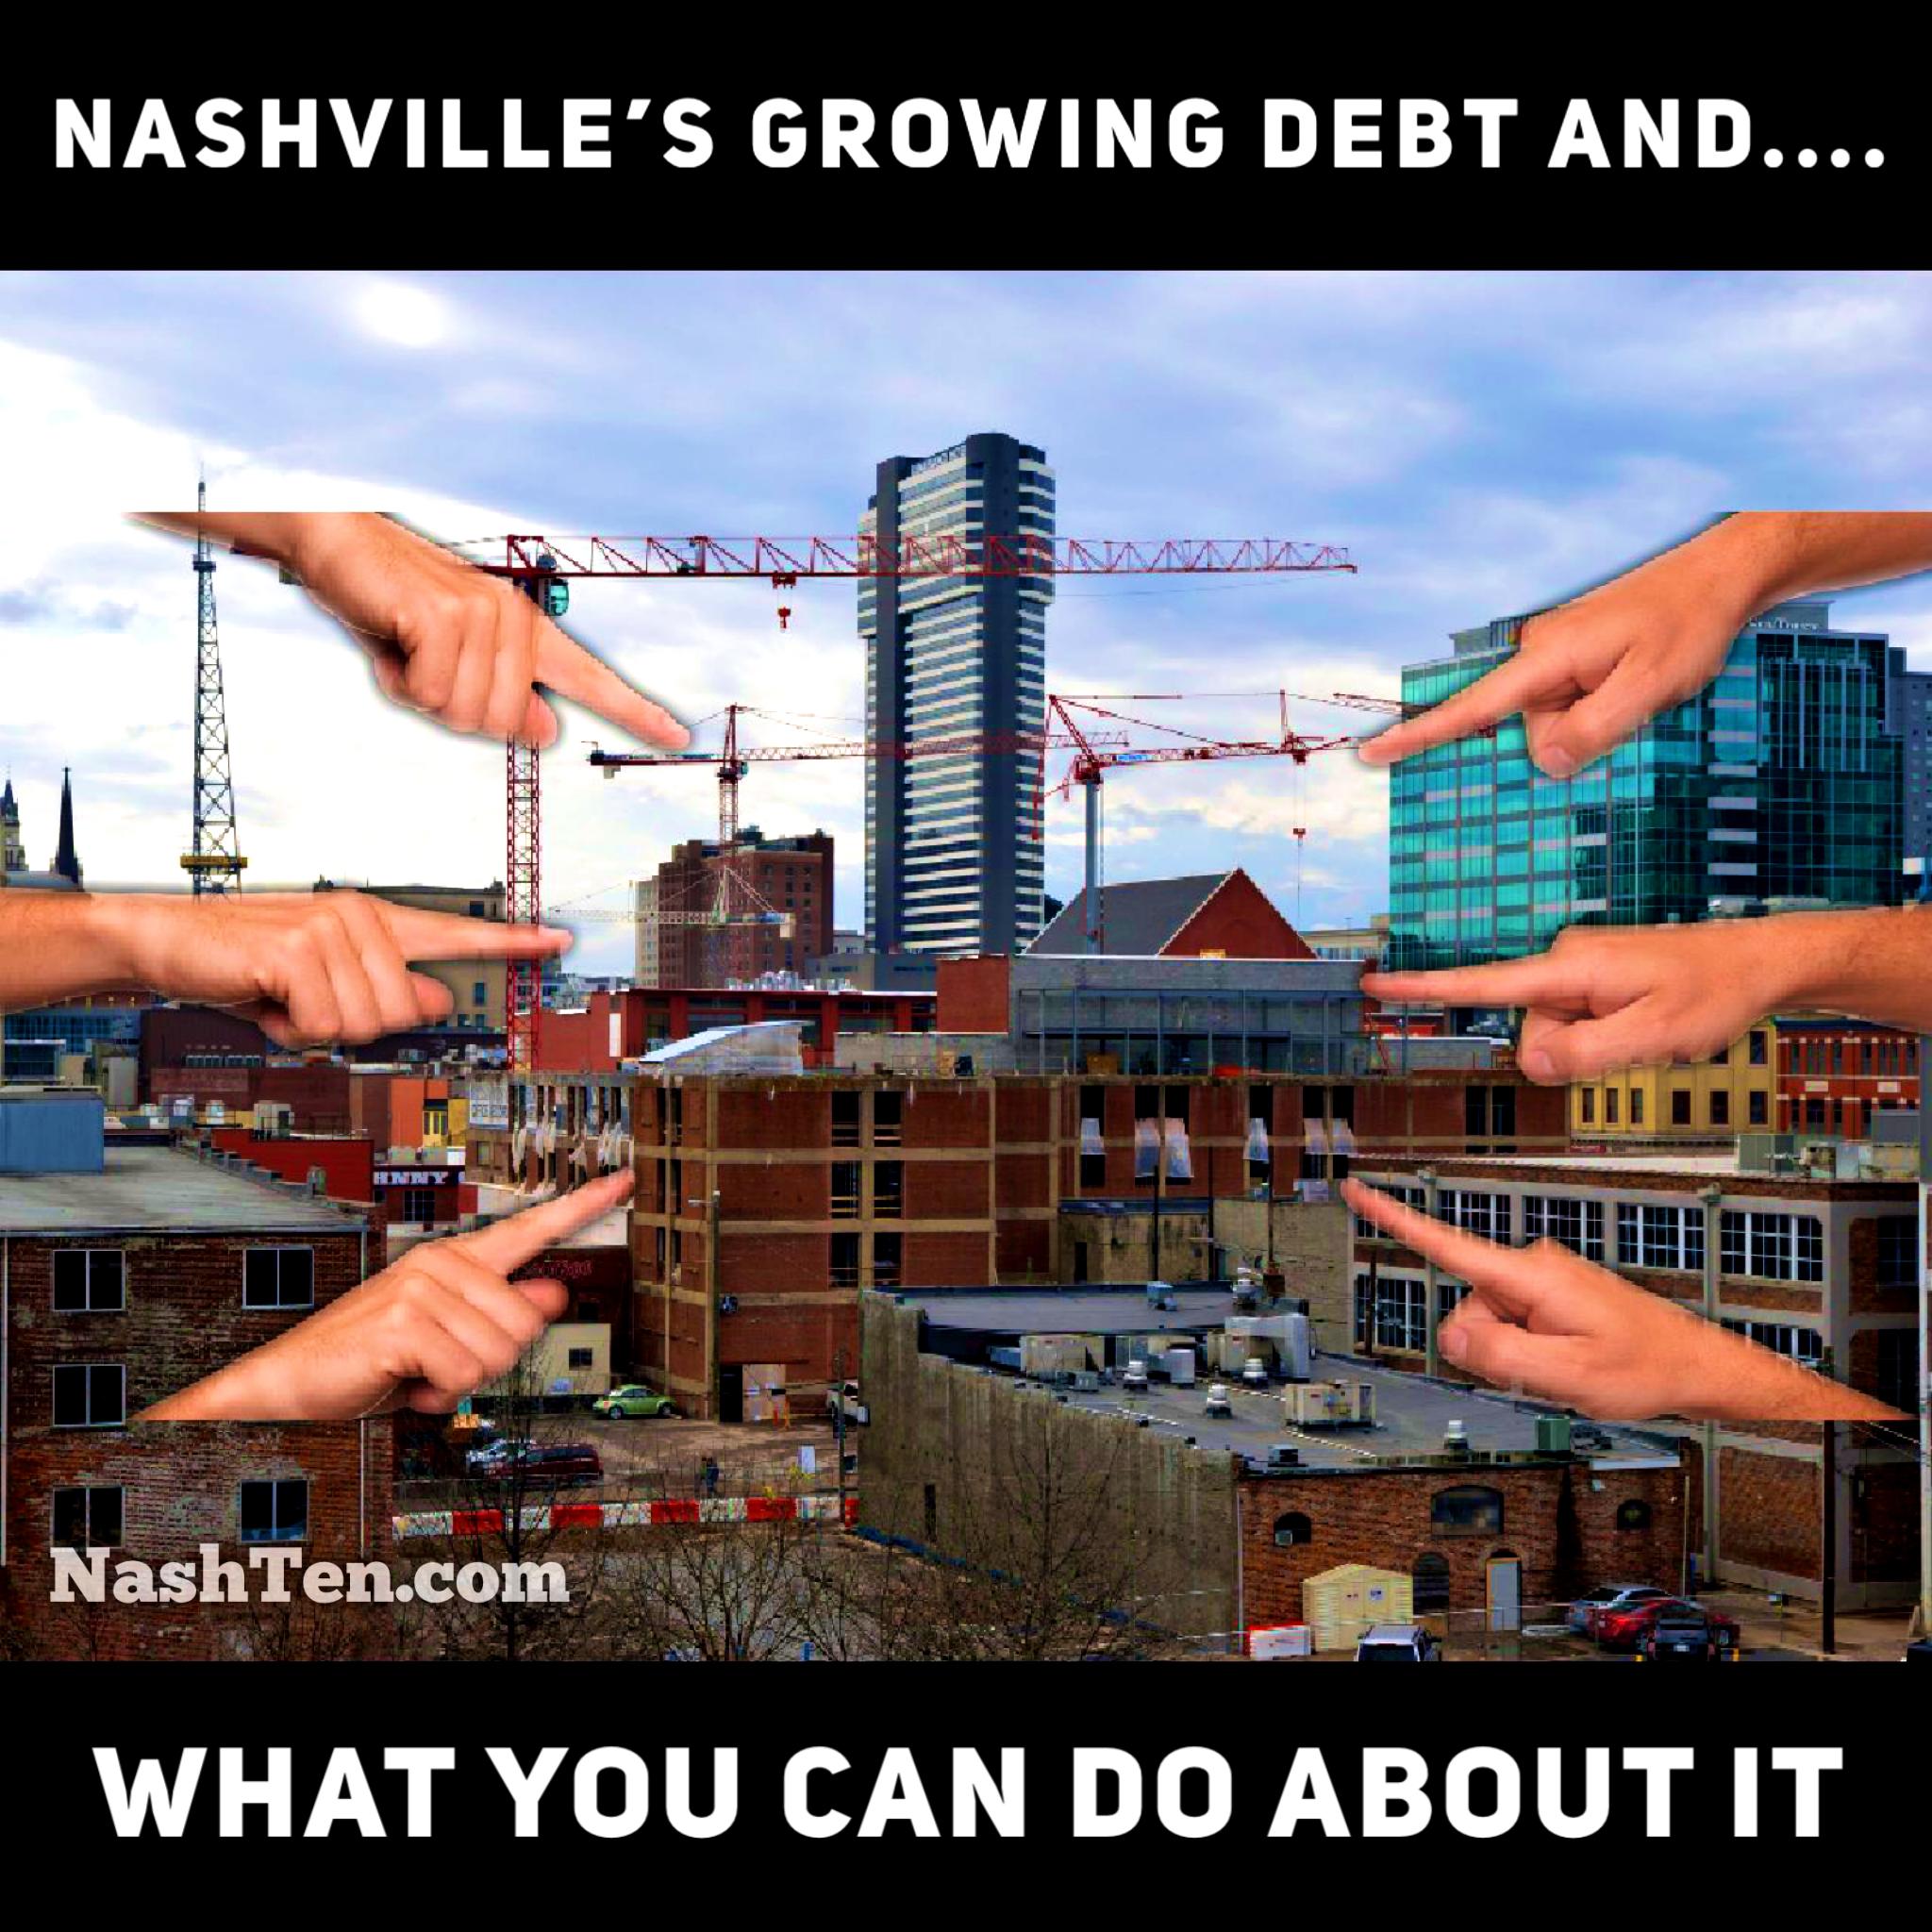 Nashville's growing debt burden